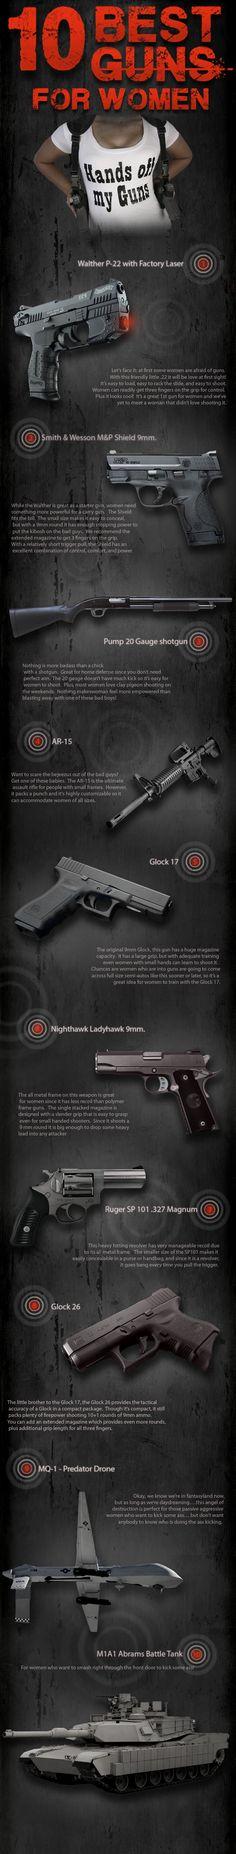 best_guns_for_women